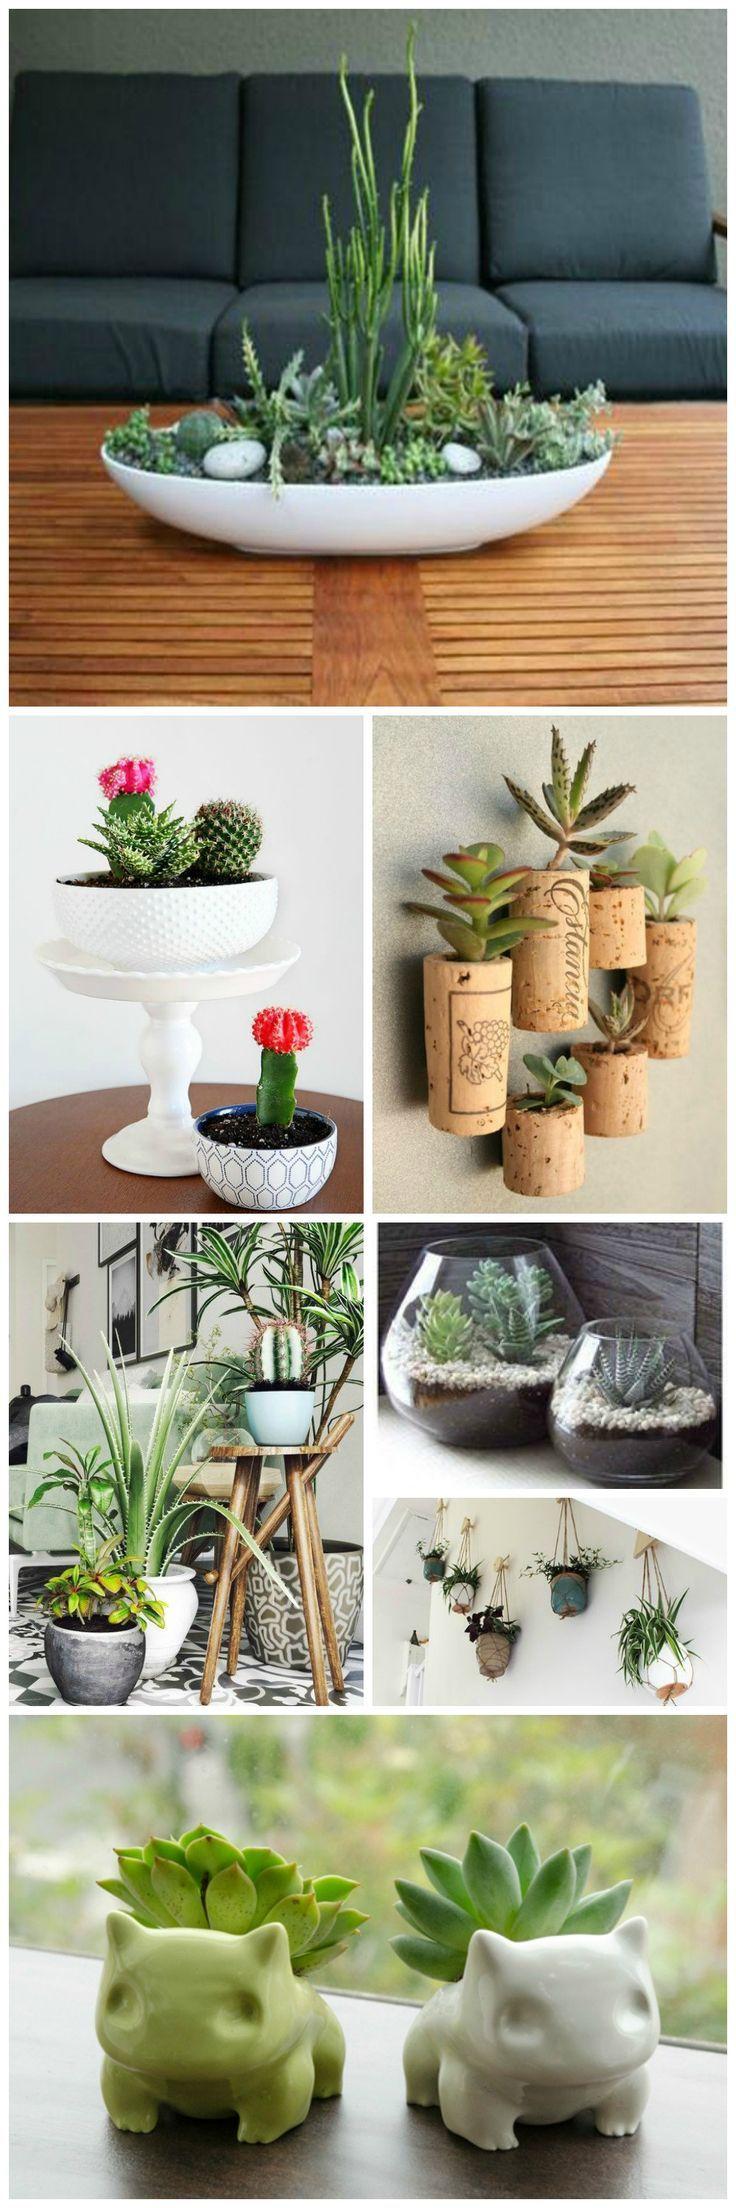 unglaublich 20 süße Indoor Sukkulenten Dekor Ideen, um Ihr Zuhause zu verschönern